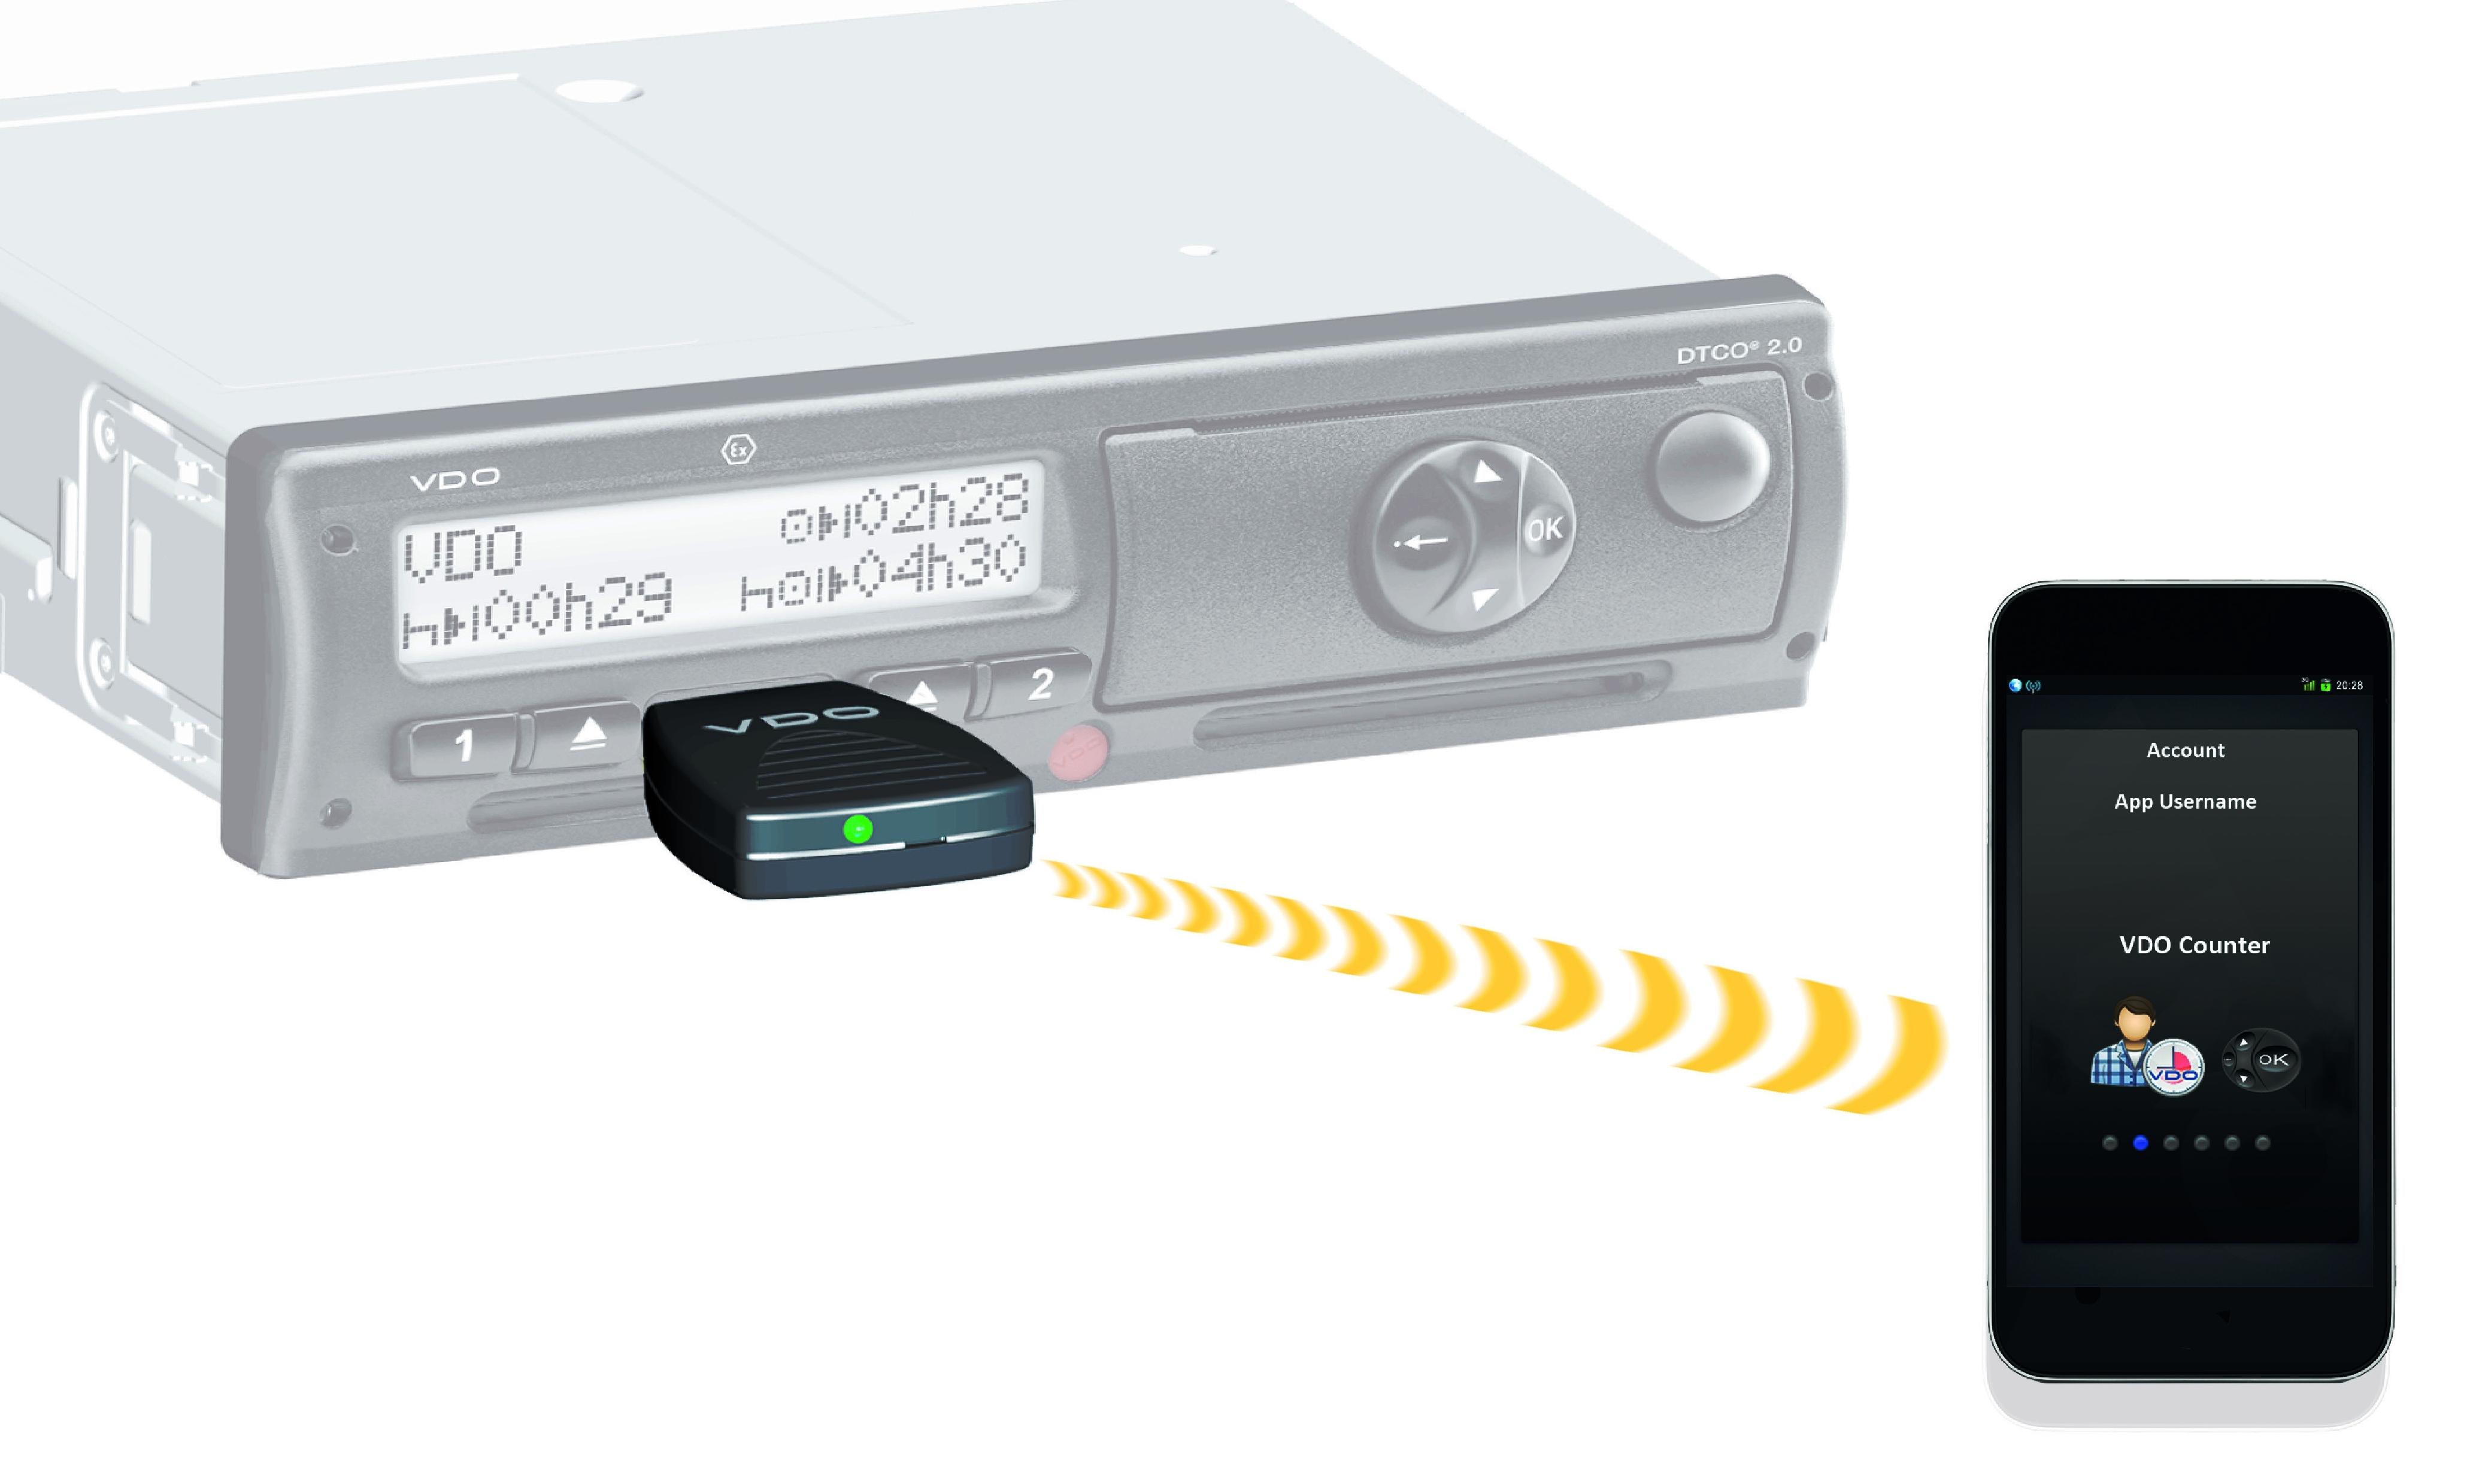 DTCO SmartLink Pro